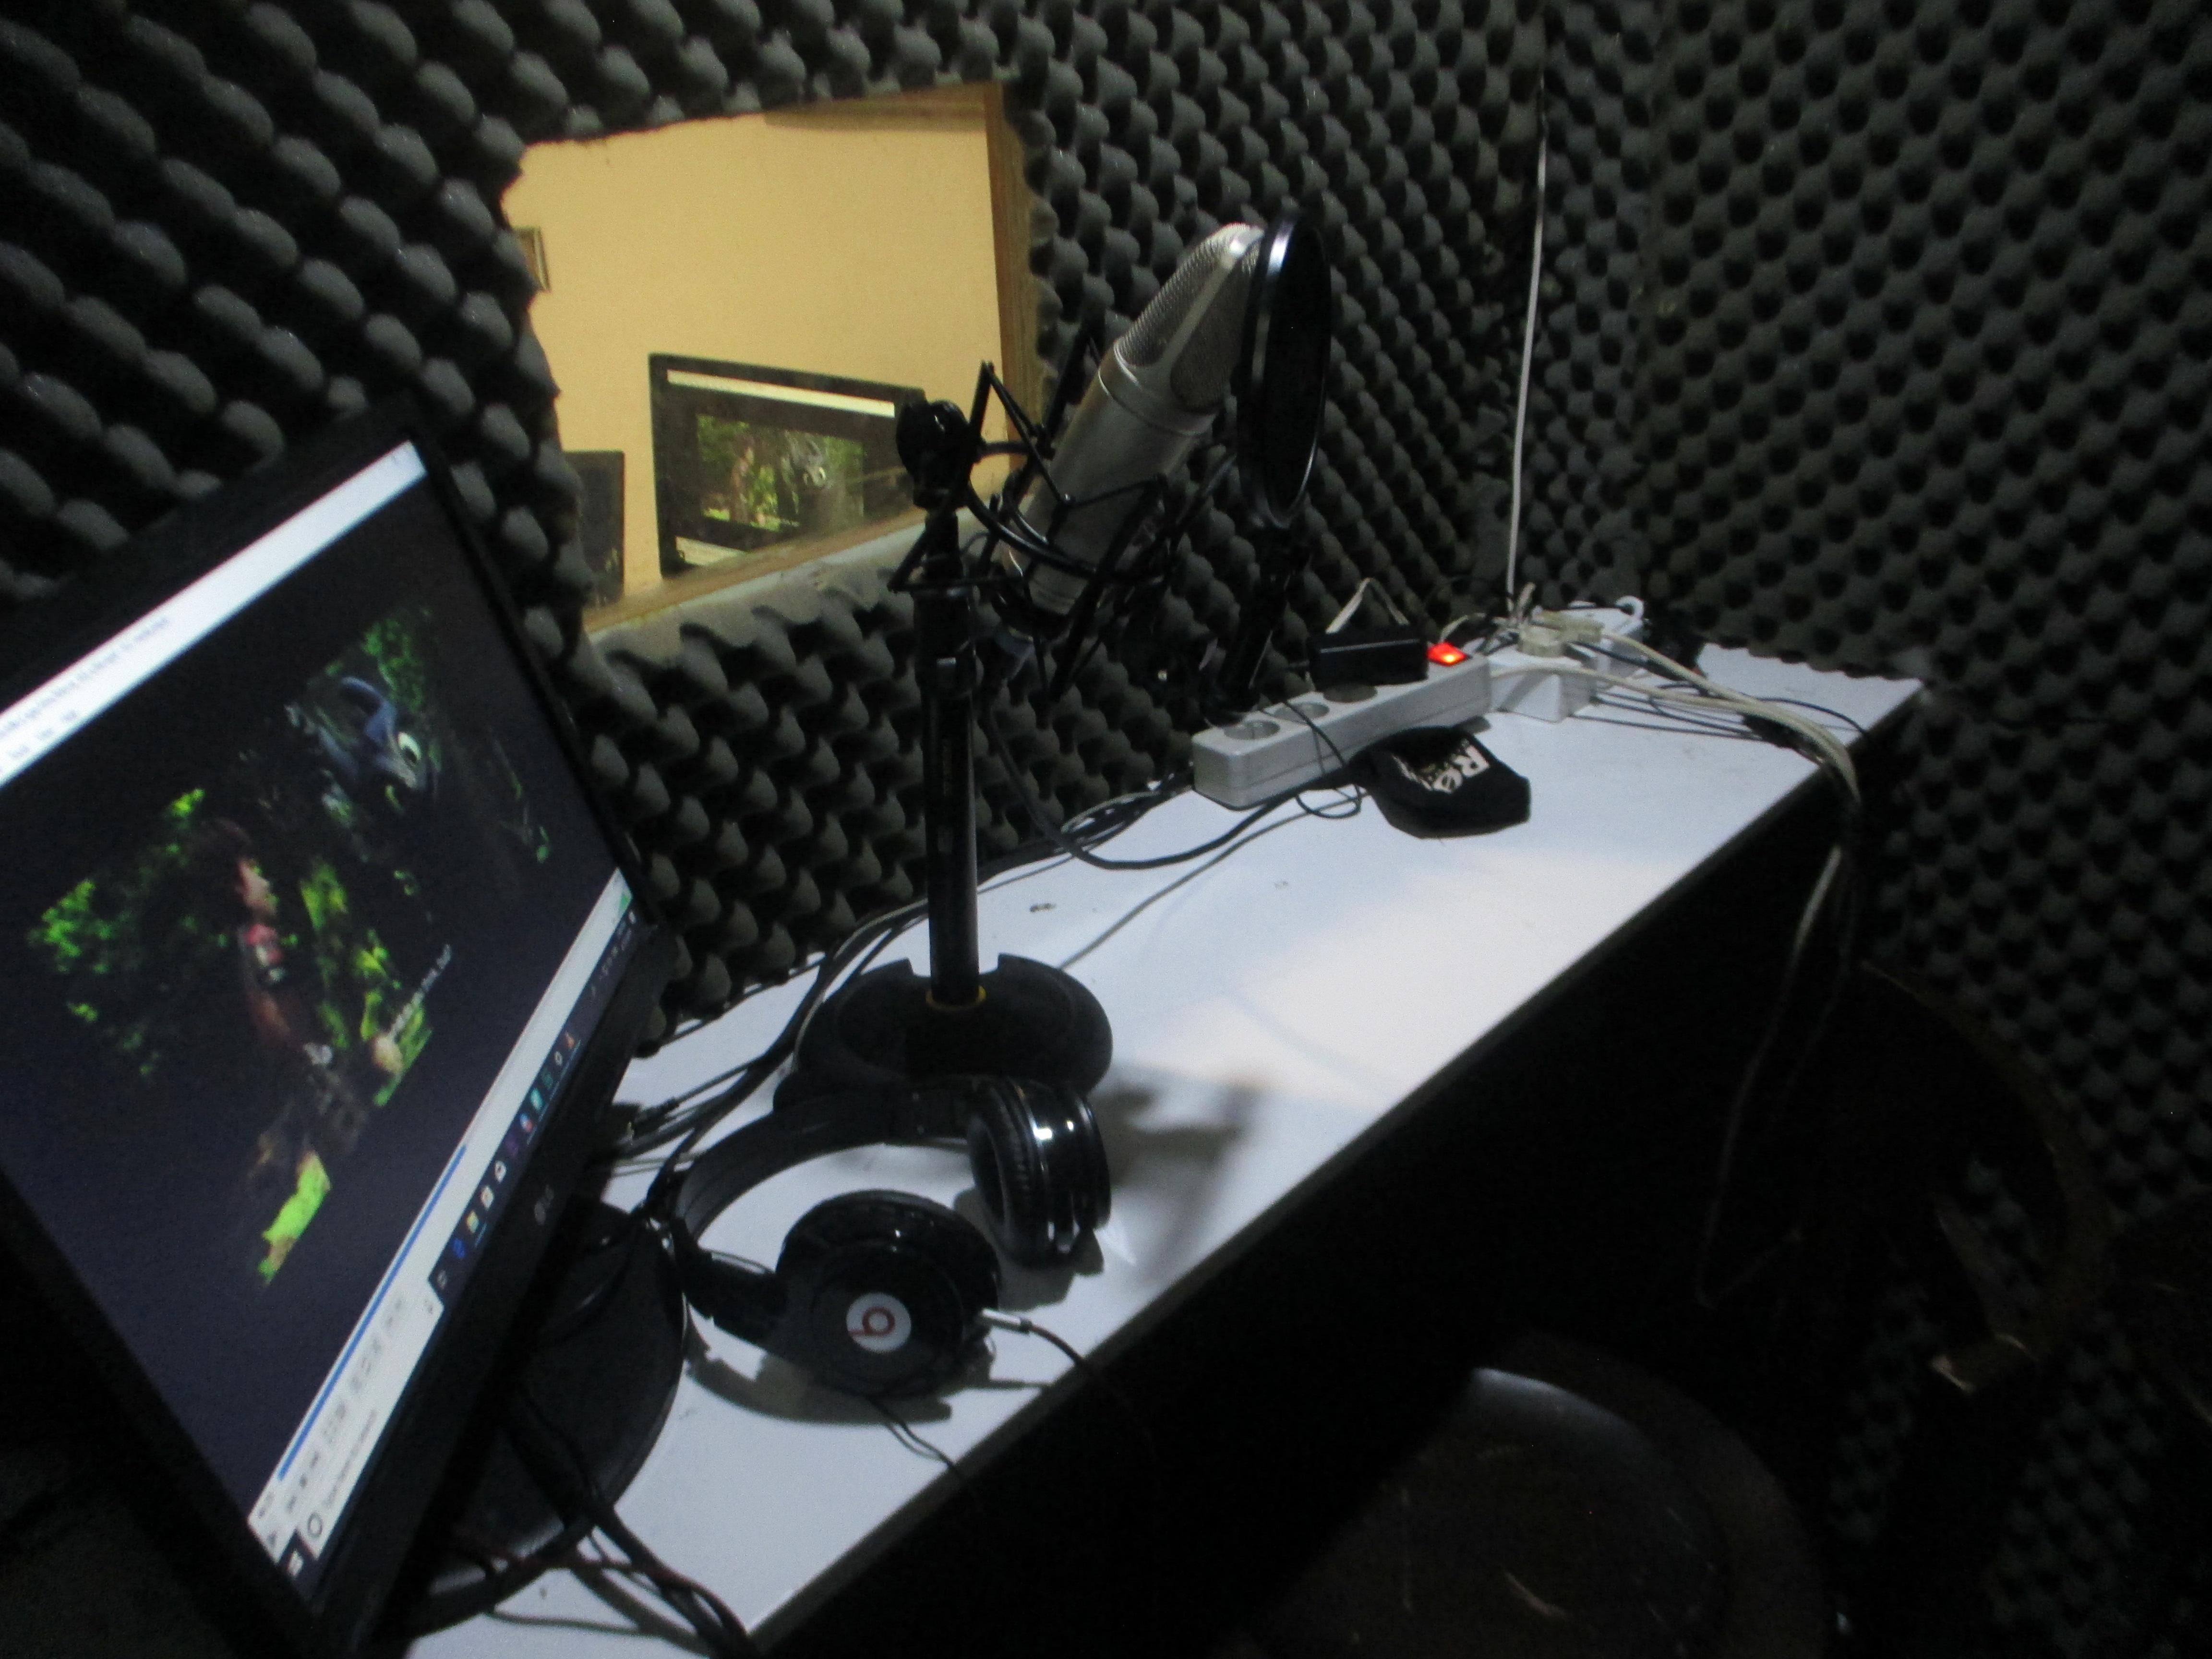 استودیو ما مجلل نیست ولی ما توش خود خود واقعیمونیم :)